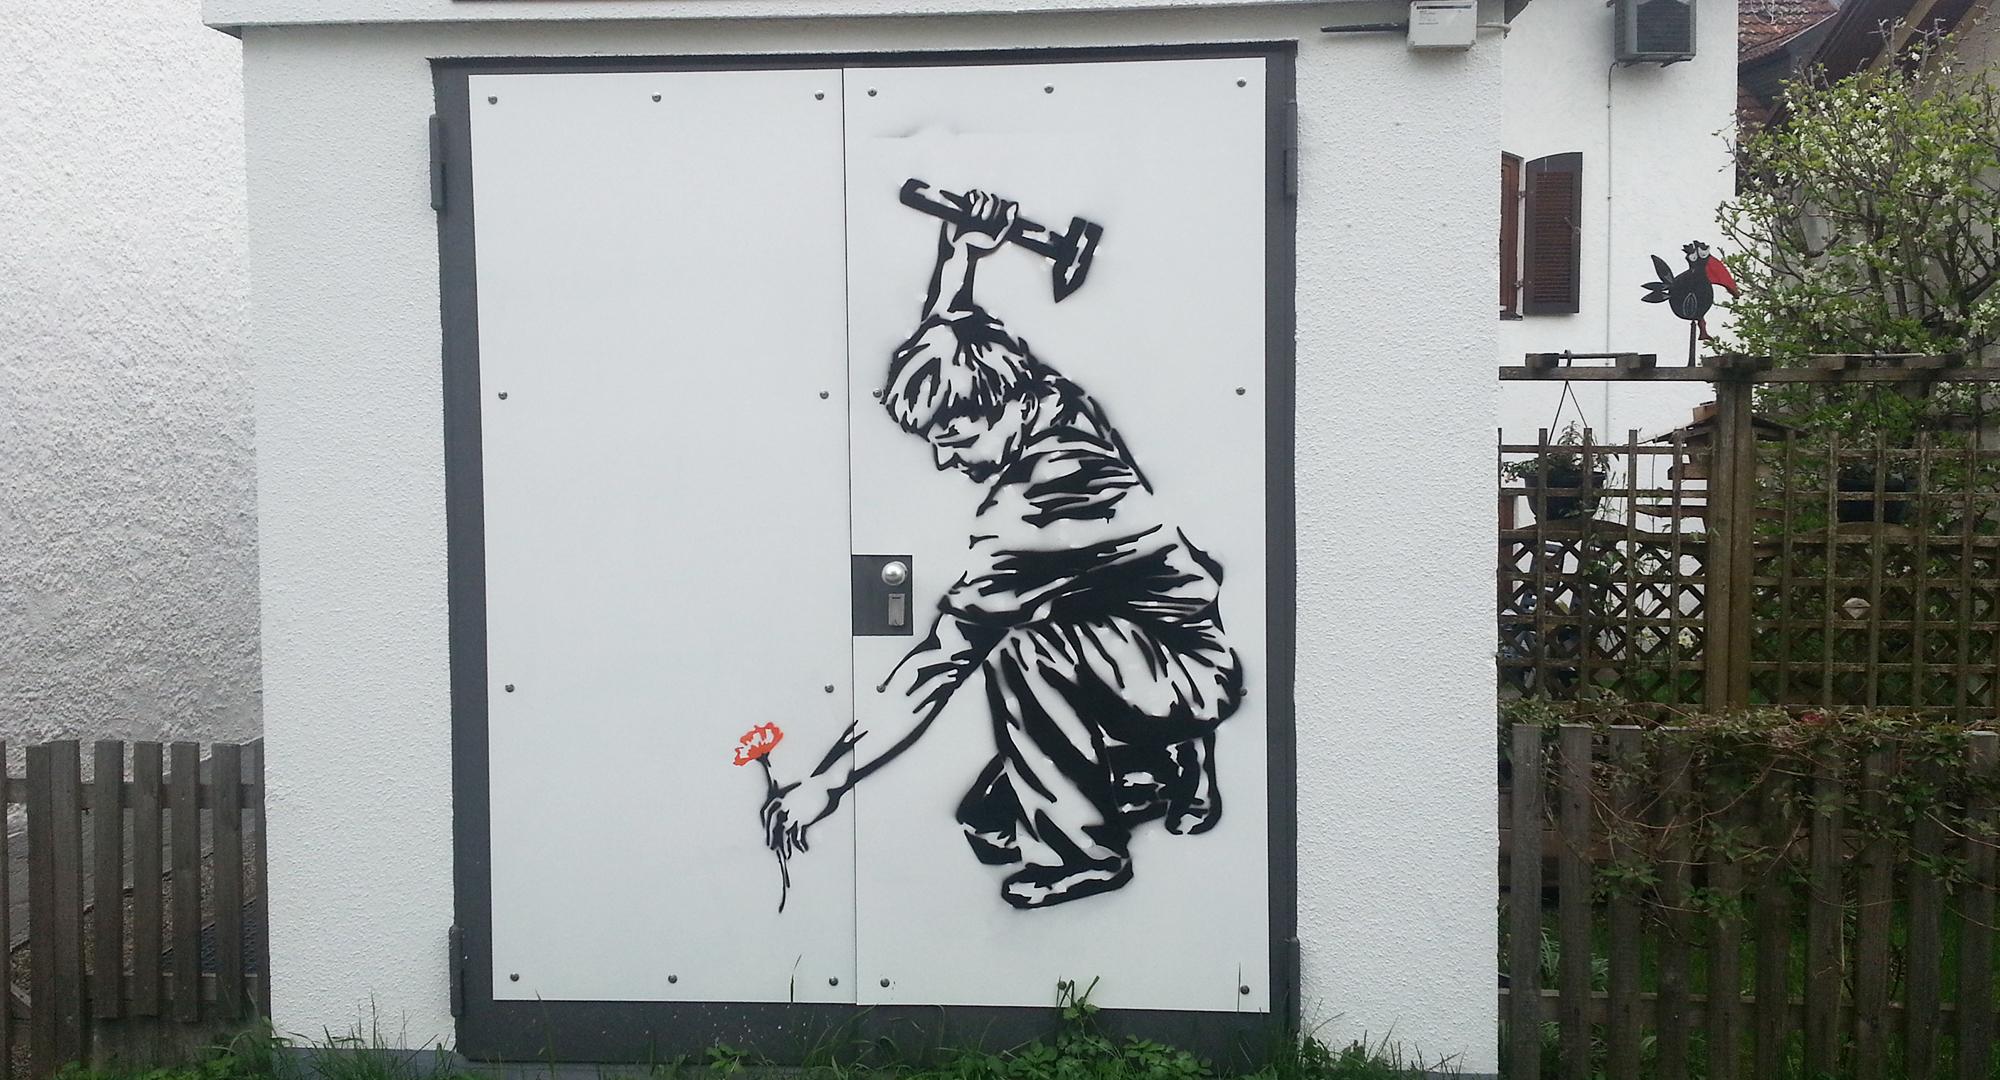 Kunst am Trafo in Kooperatin von Rothmoser und dem Gymnasium Grafing